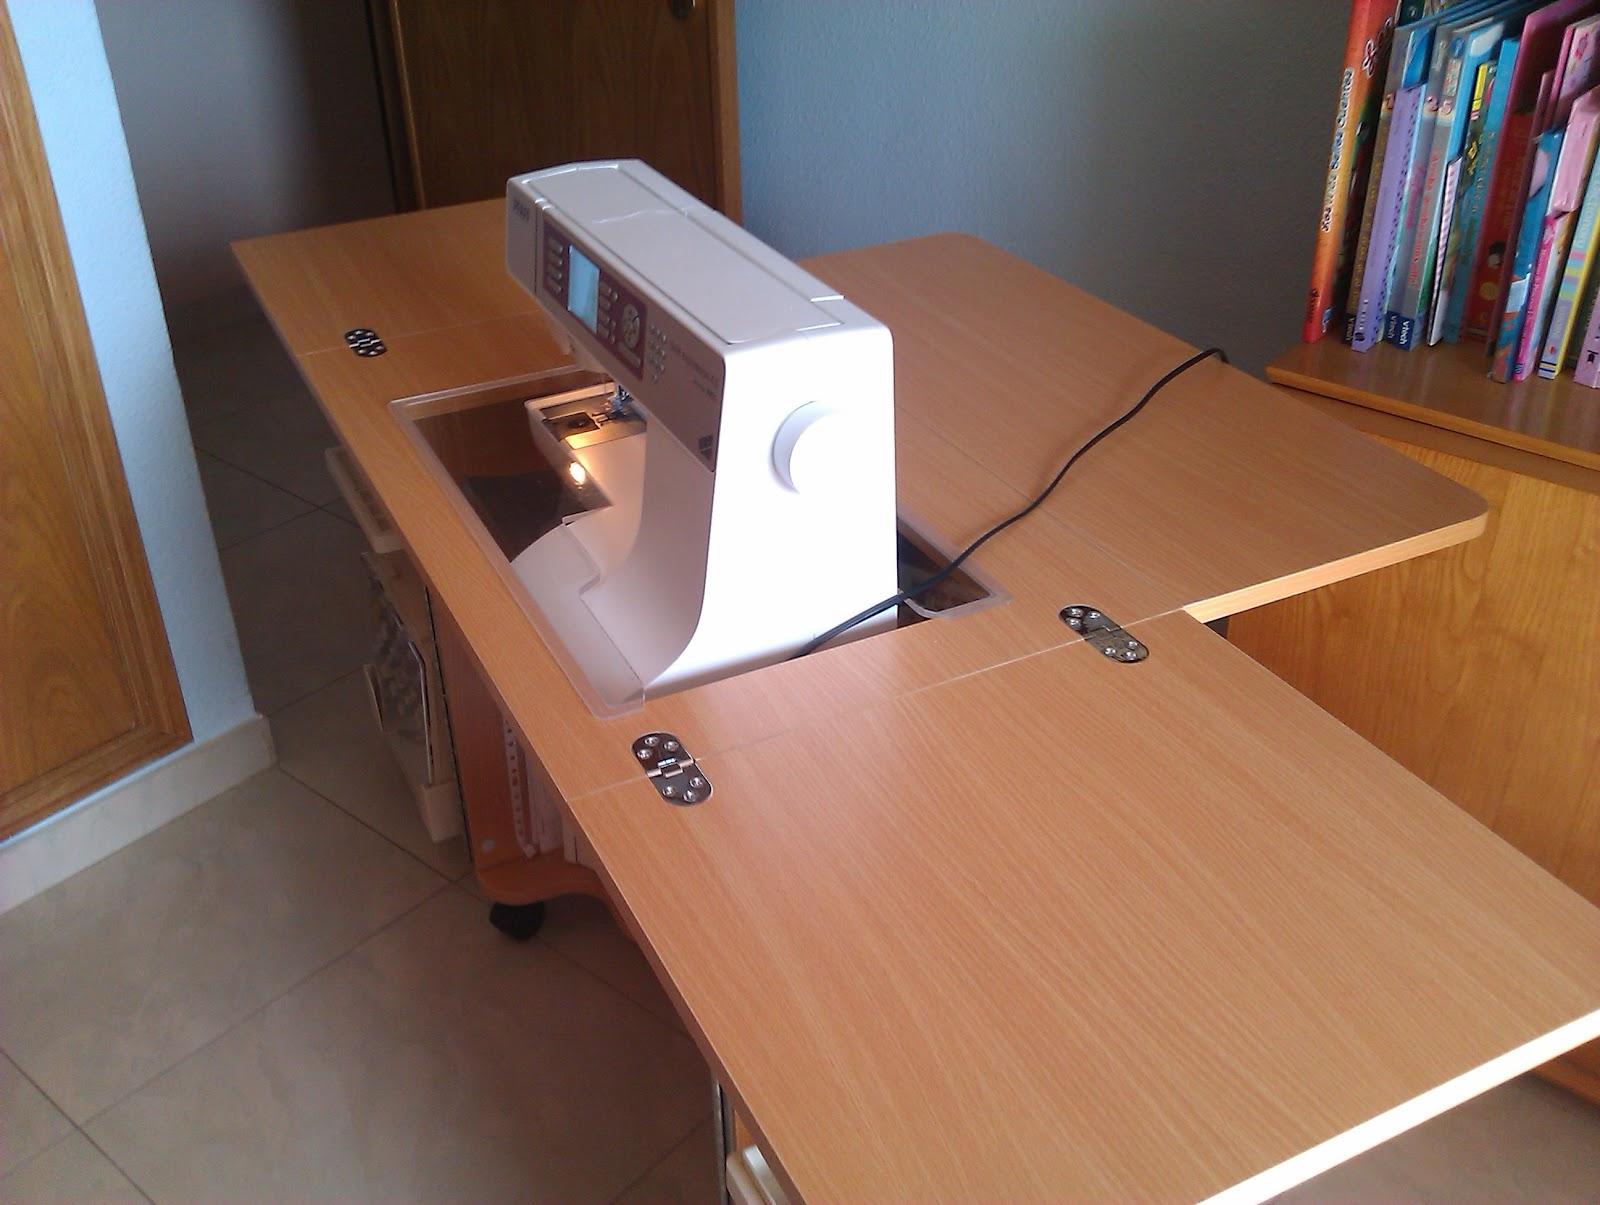 Mesa Maquina De Coser Beautiful Reciclar Mquinas De Coser  # Muebles Maquina De Coser Segunda Mano